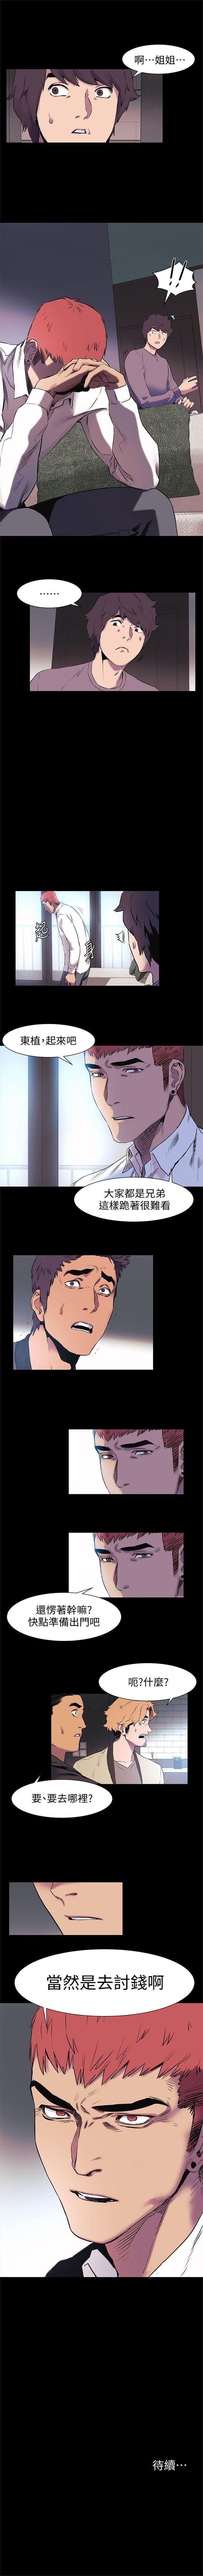 衝突 1-100官方中文(連載中) 230